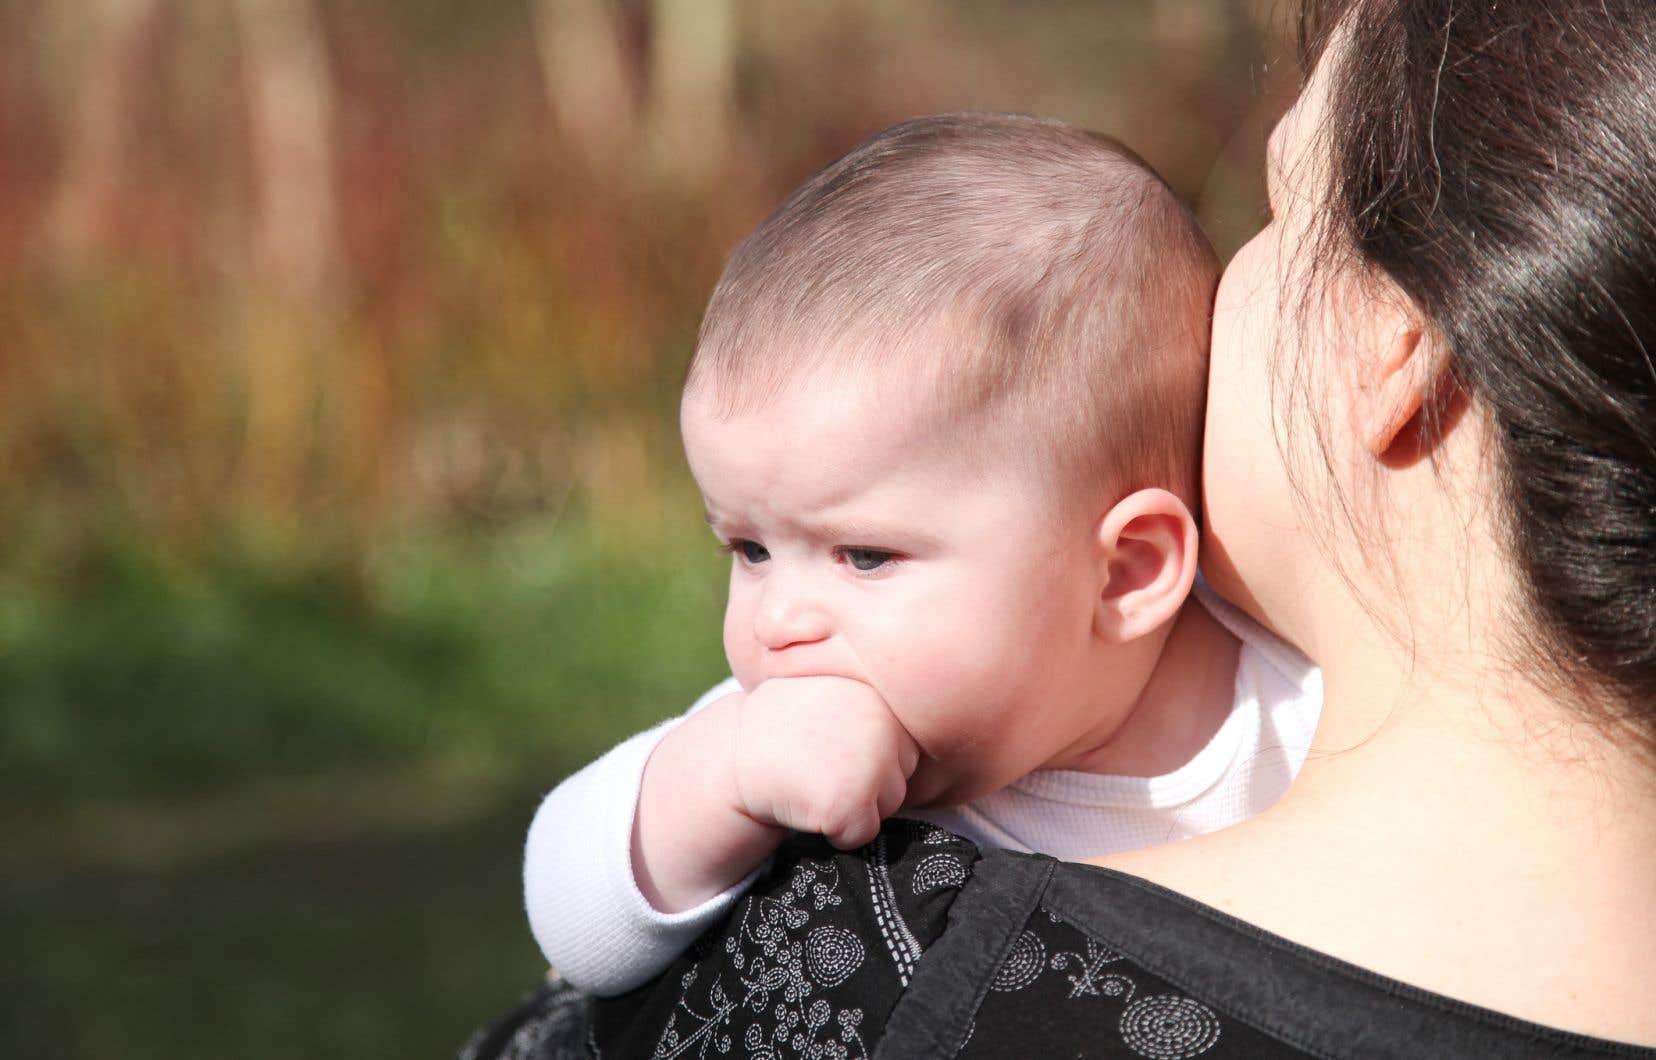 «Les représentations sociales du rôle des femmes et de ce qui fonde une famille font que la maternité se perçoit fréquemment comme une façon de